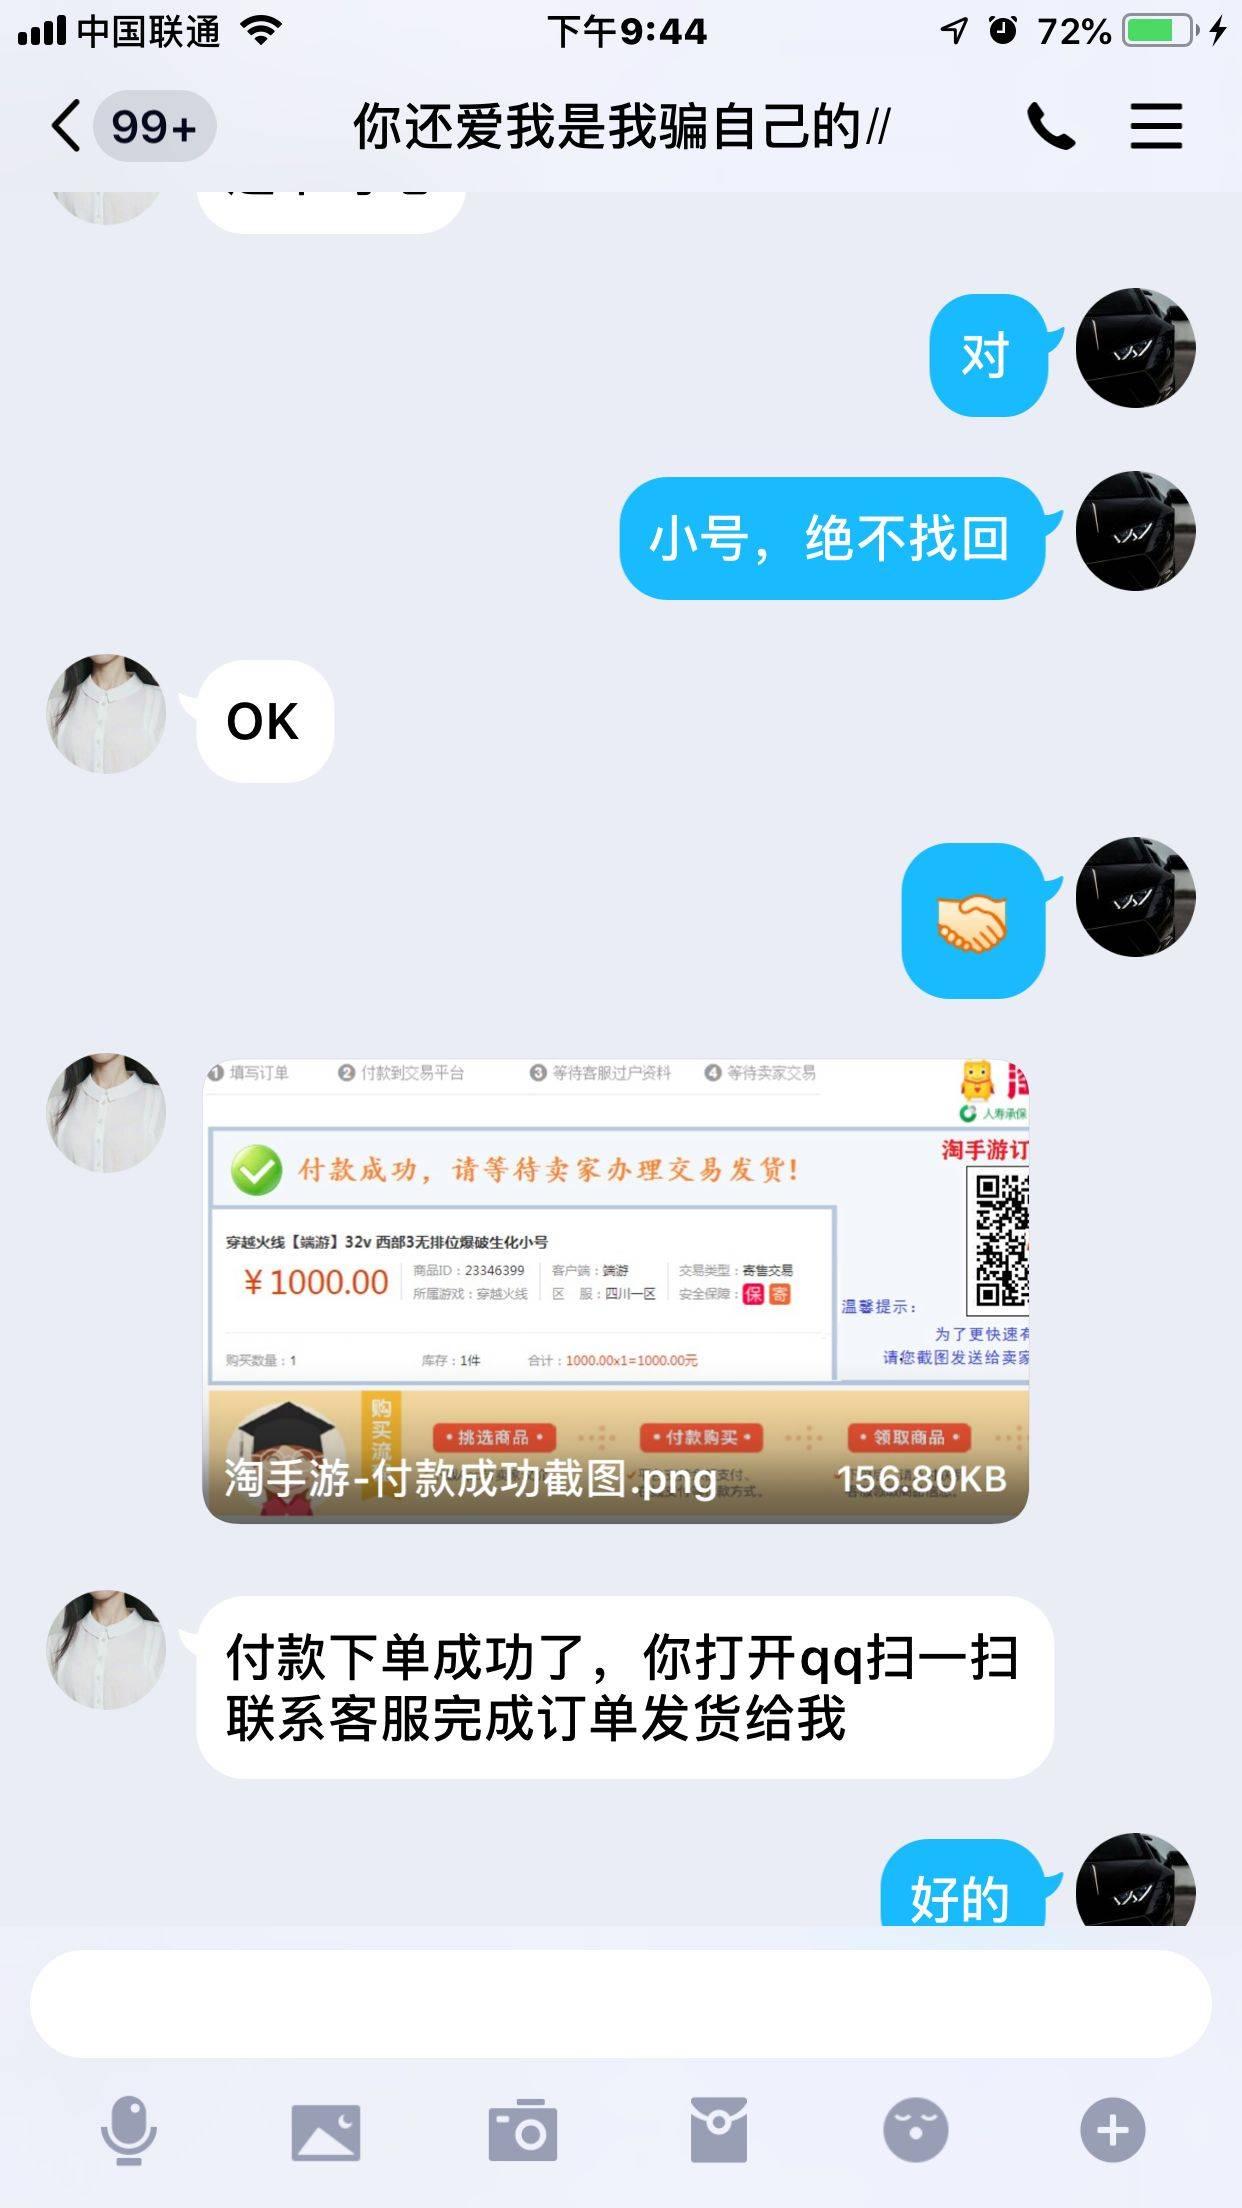 【骗子曝光】QQ:2732172374 淘手游APP会伪造付款成功和官方网站骗cf账号_涉及1000元图片7